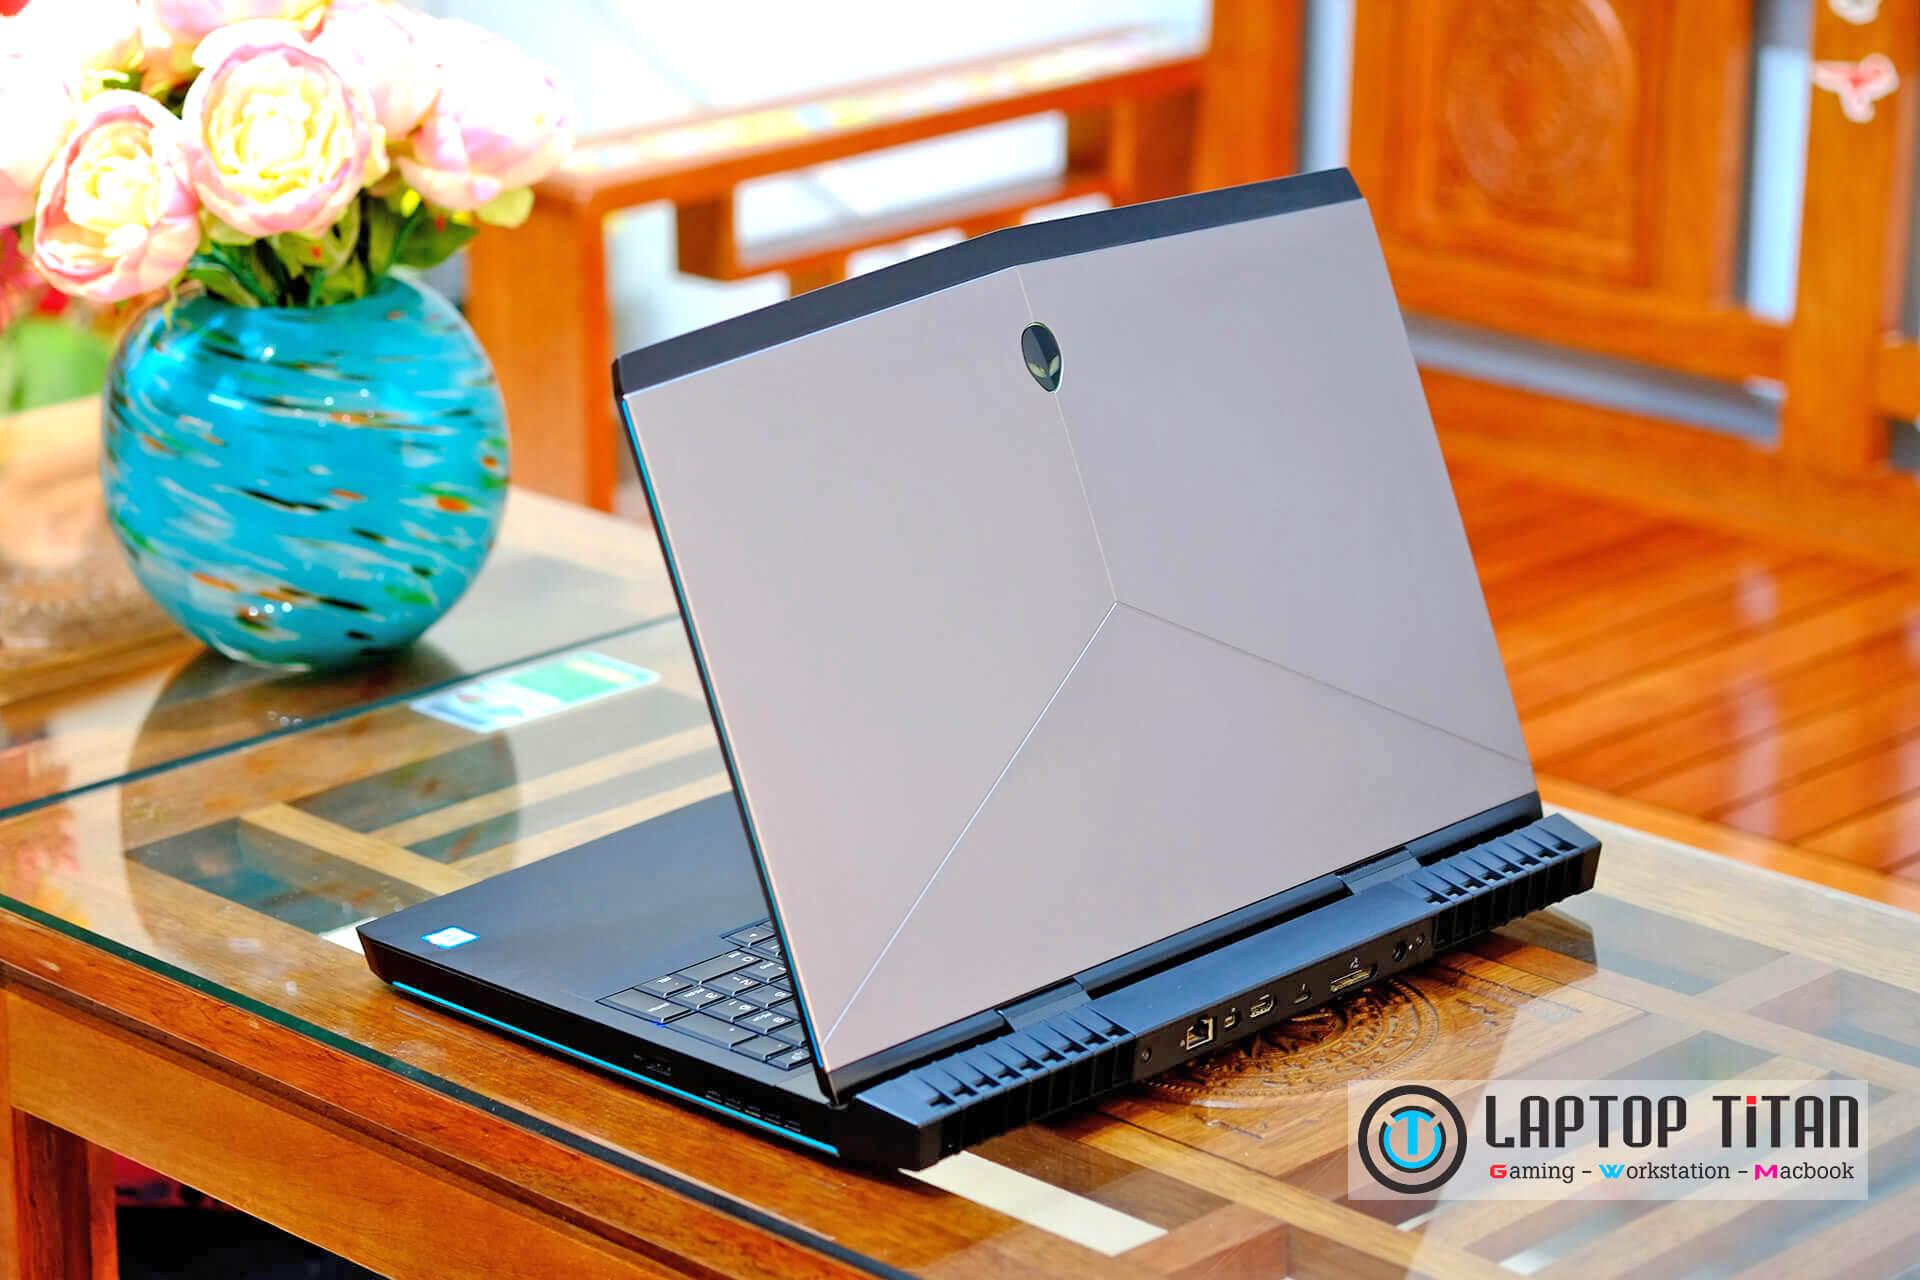 Dell Alienware 17 R4 Laptoptitan 004